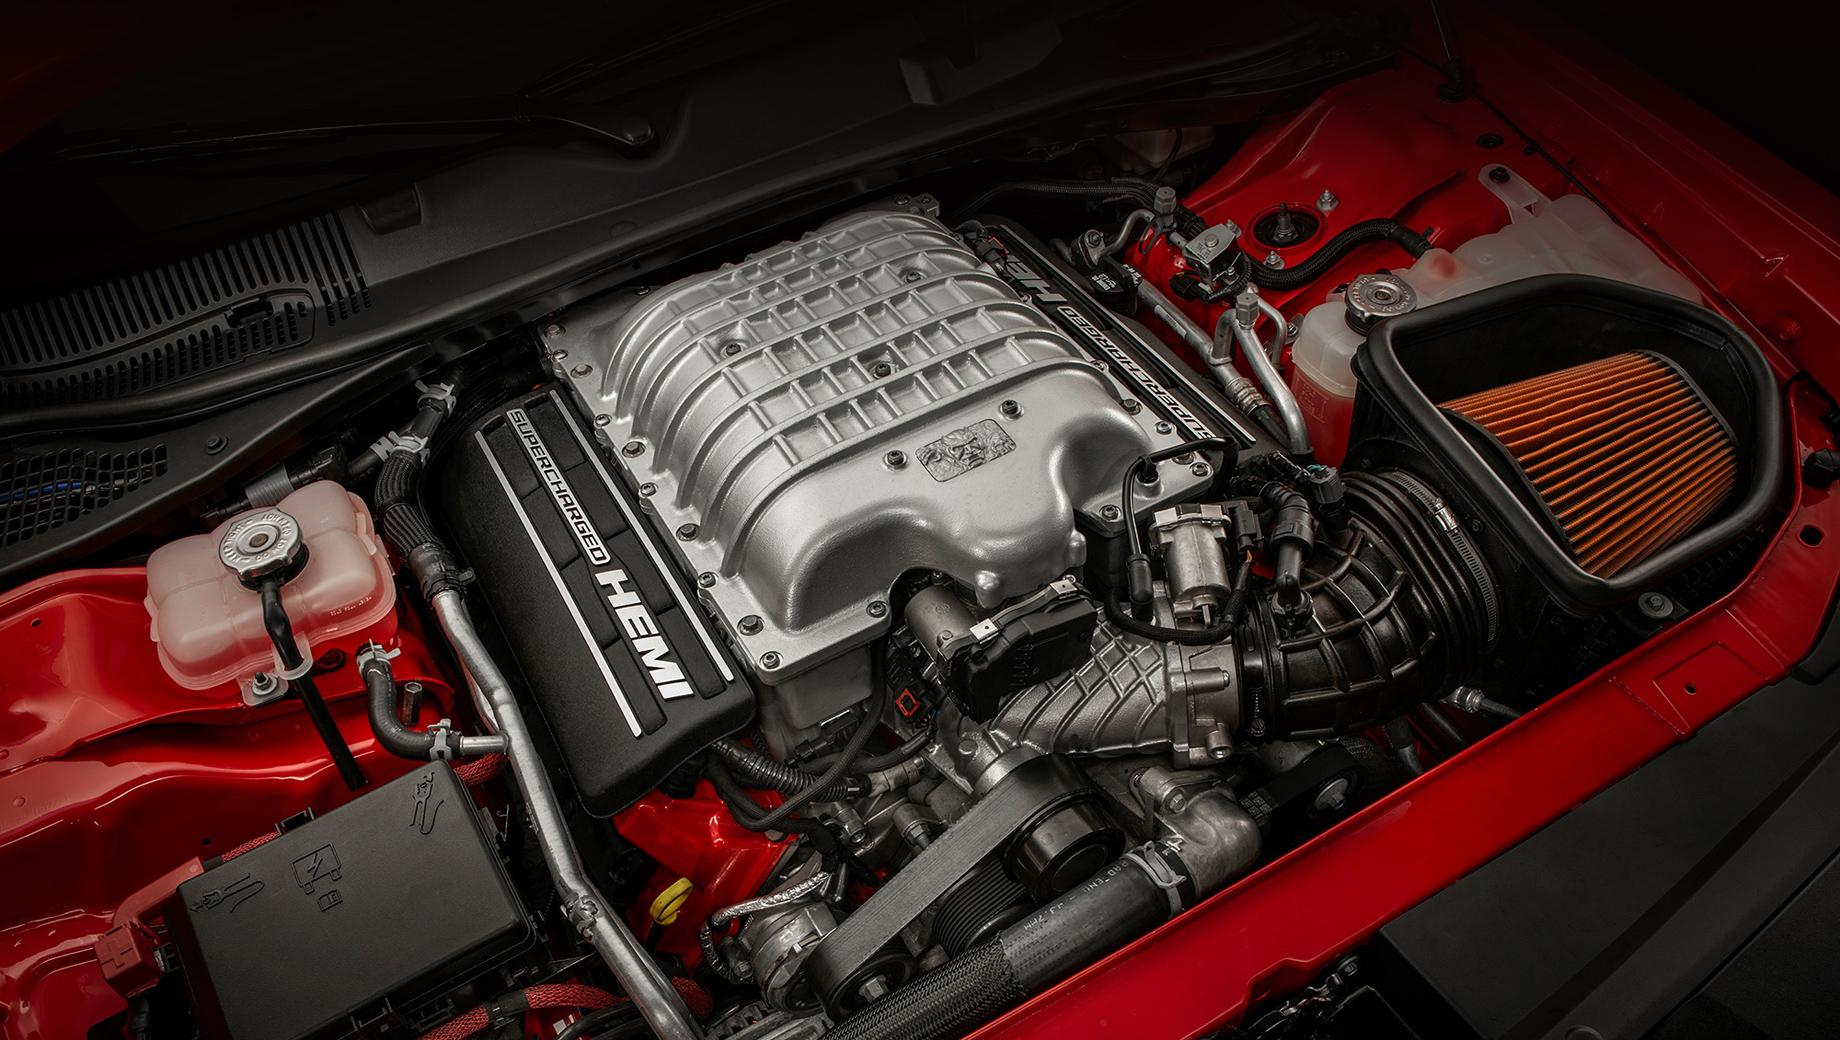 Глава Доджа рассказал о закате эры мощных моторов V8